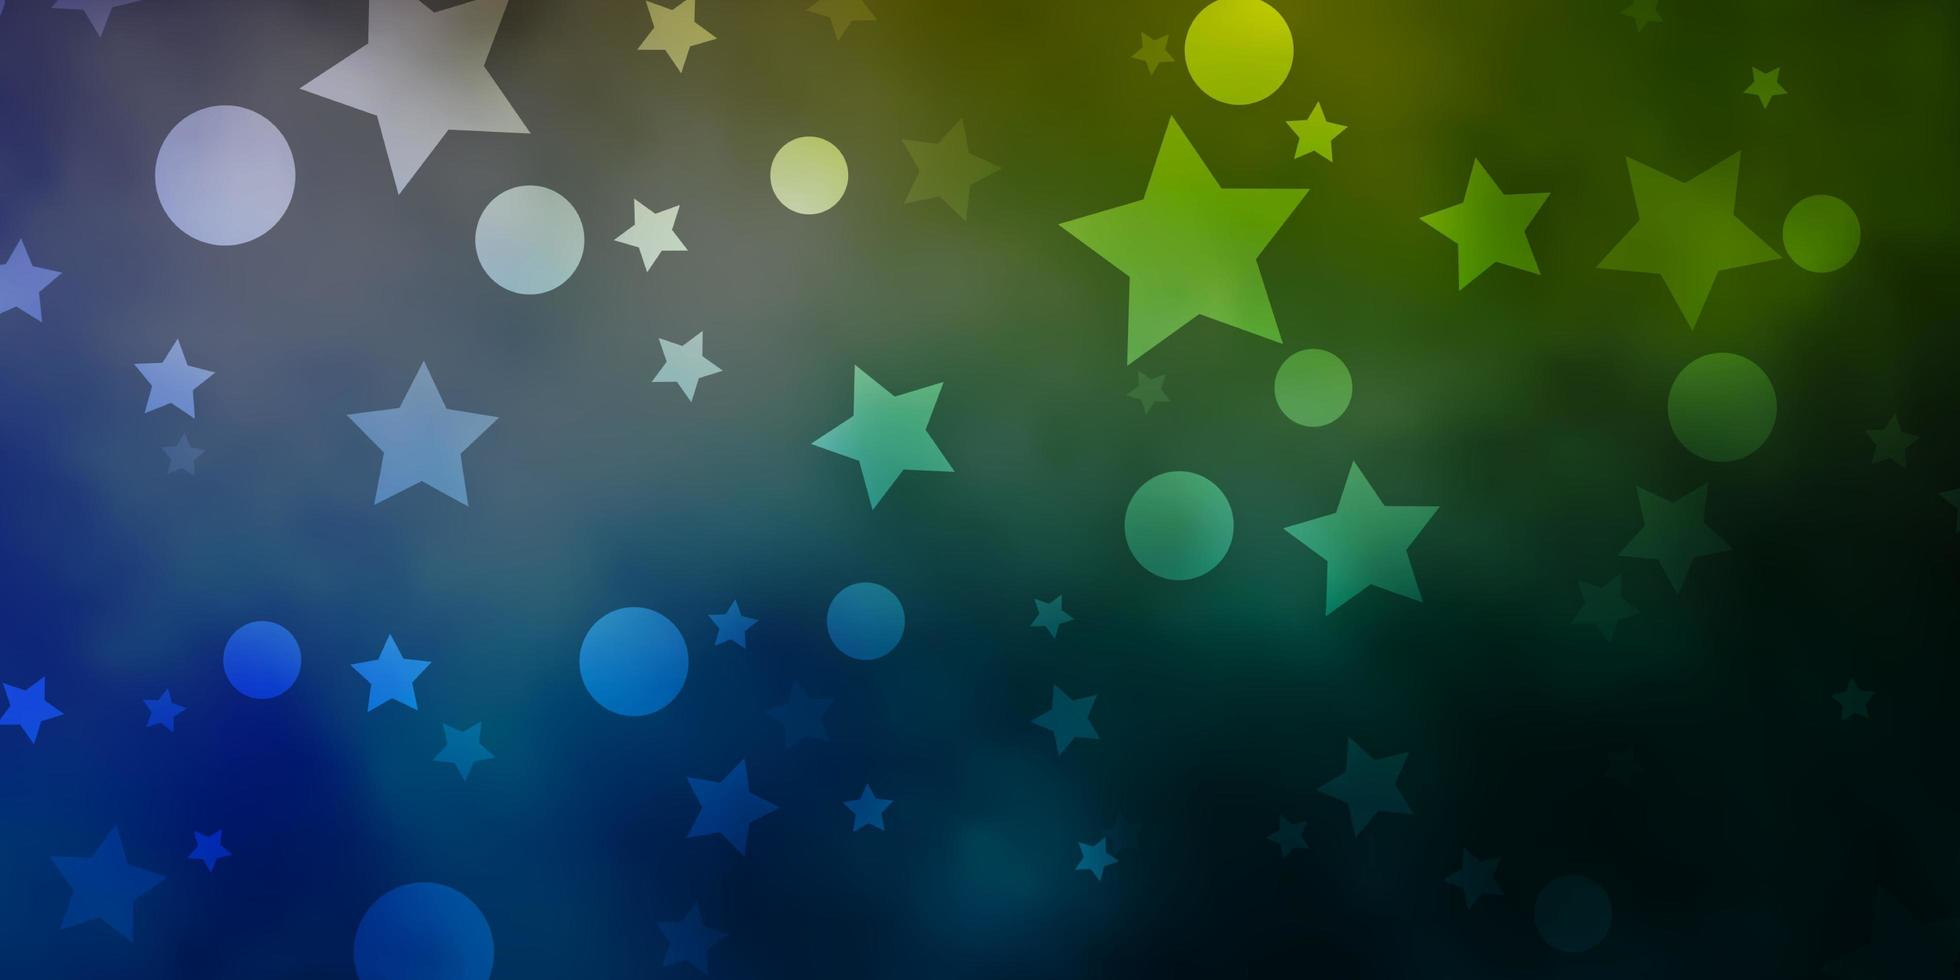 blauer, grüner Hintergrund mit Kreisen, Sternen. vektor